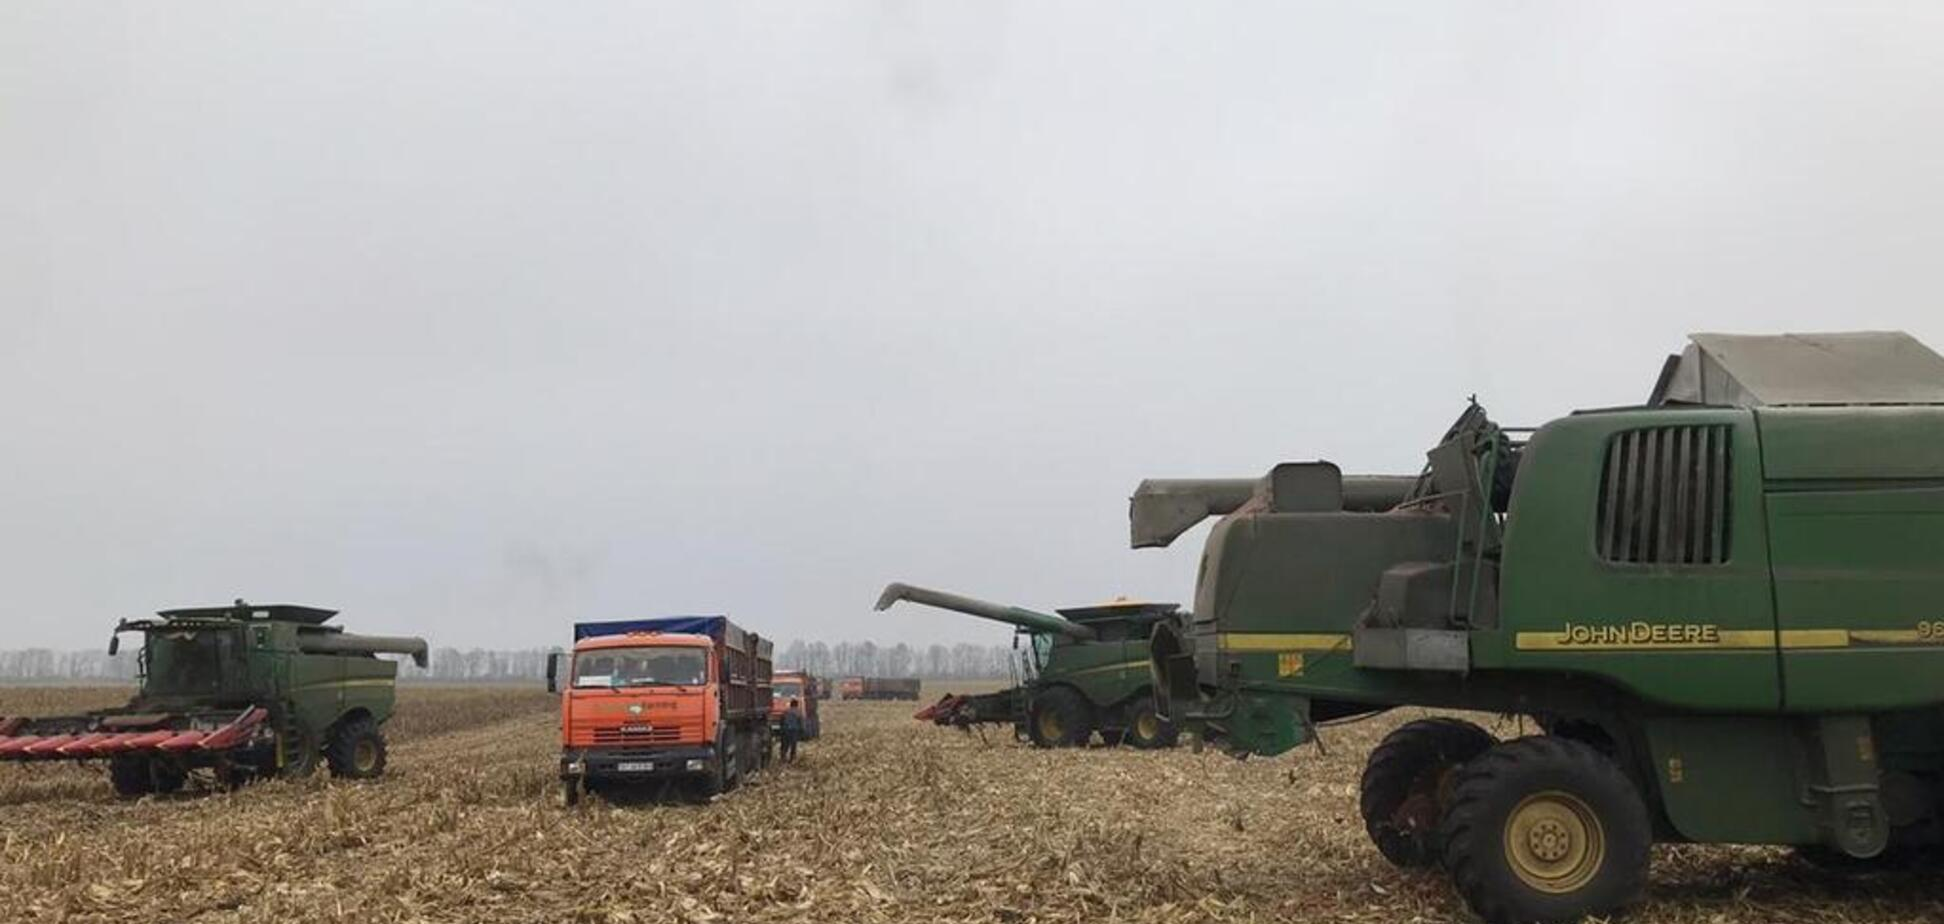 Конкурентні зарплати в агробізнесі залучають в галузь все більше молоді - менеджер 'Укрлендфармінга'